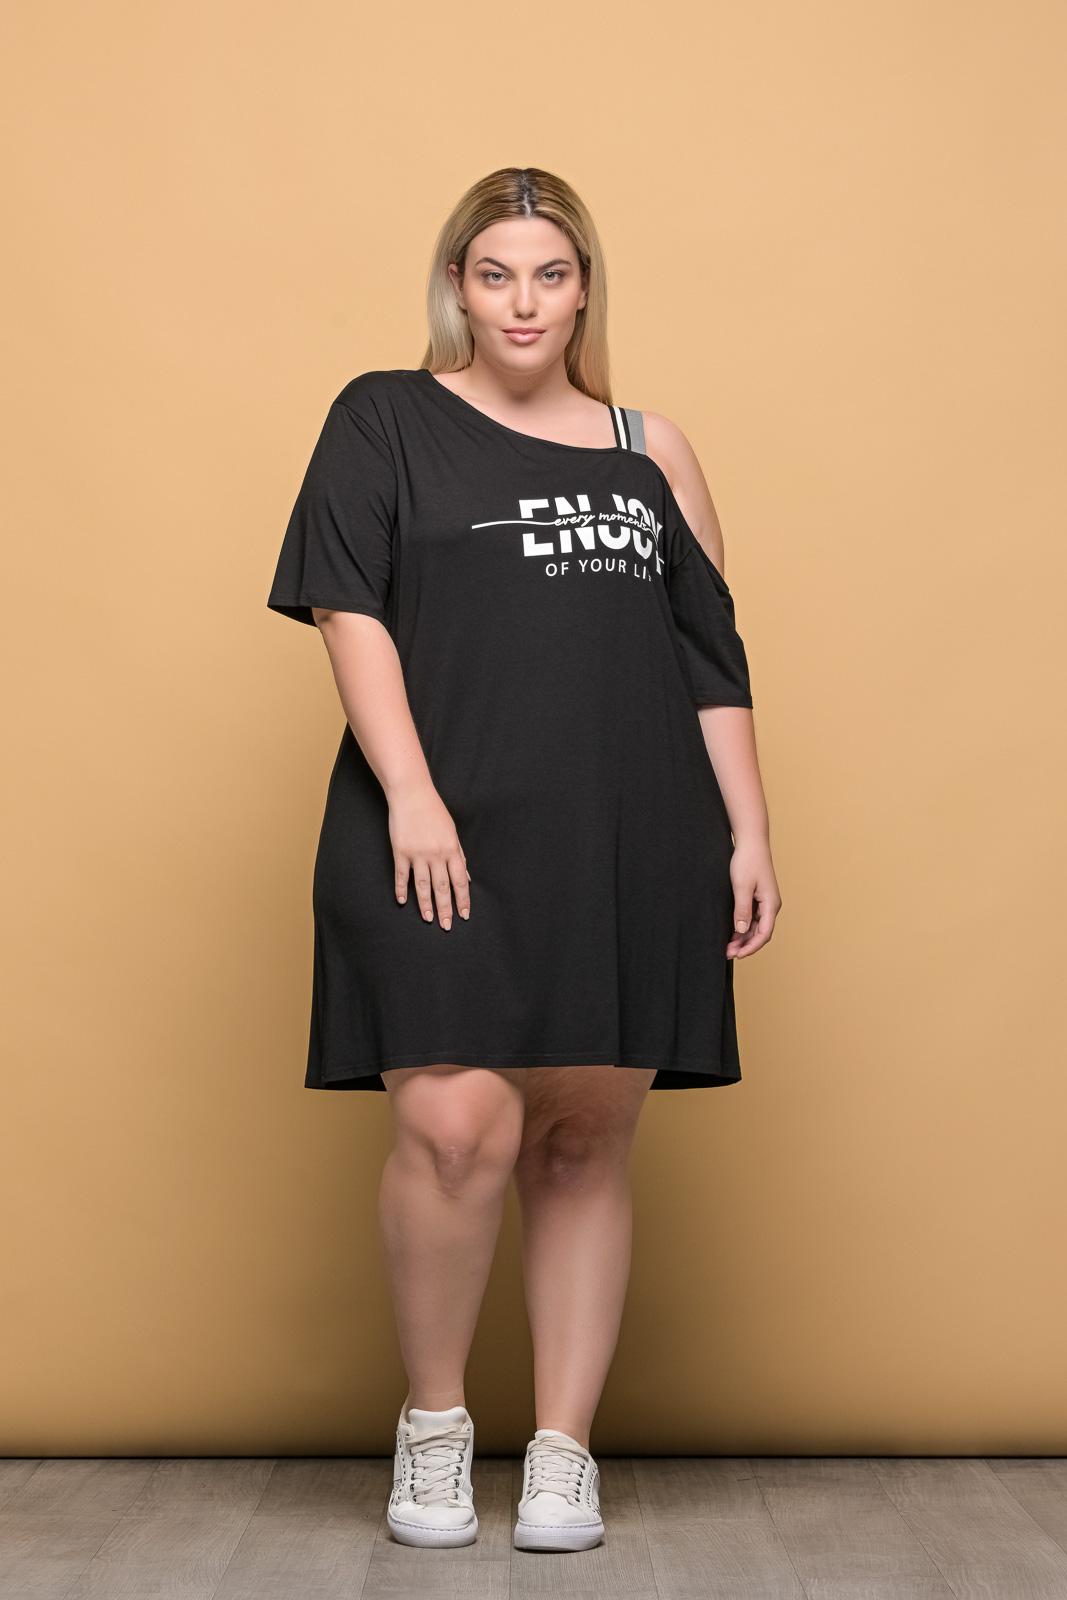 Μπλουζοφόρεμα μεγάλα μεγέθη μαύρο με στάμπα